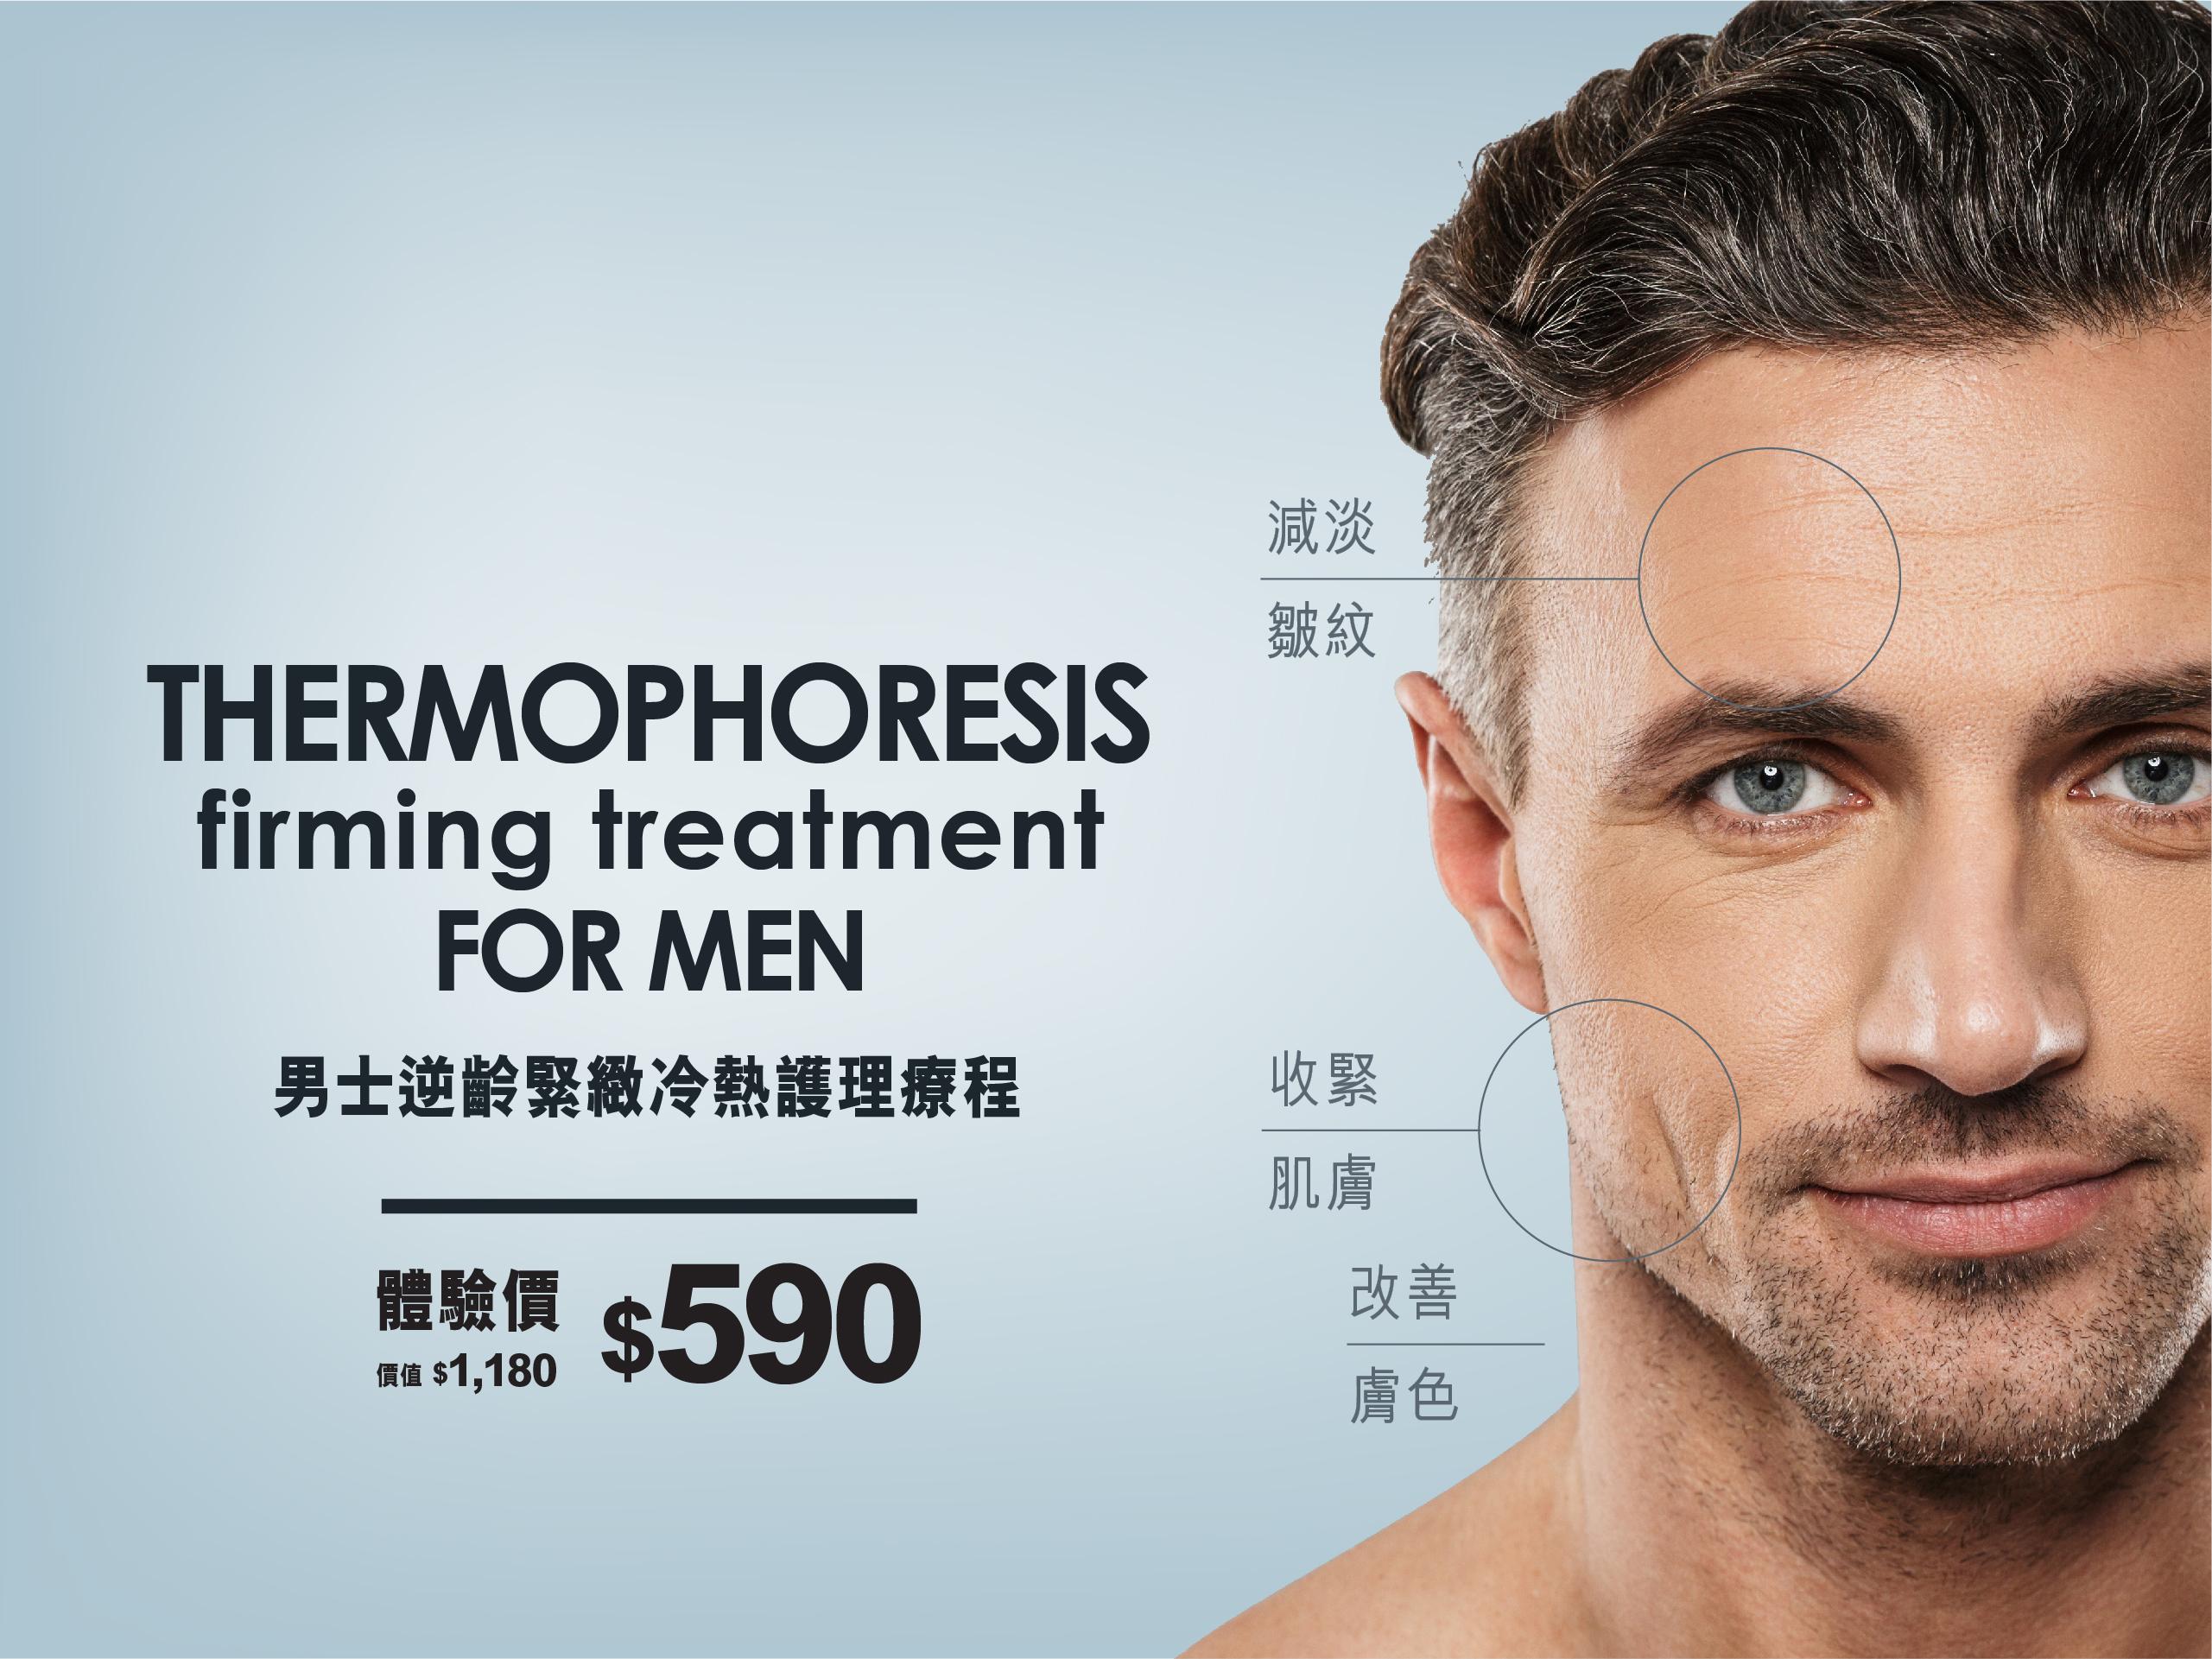 男士逆齡緊緻冷熱護理療程。能瞬間收緊肌膚,減淡細紋、乾紋及皺紋。